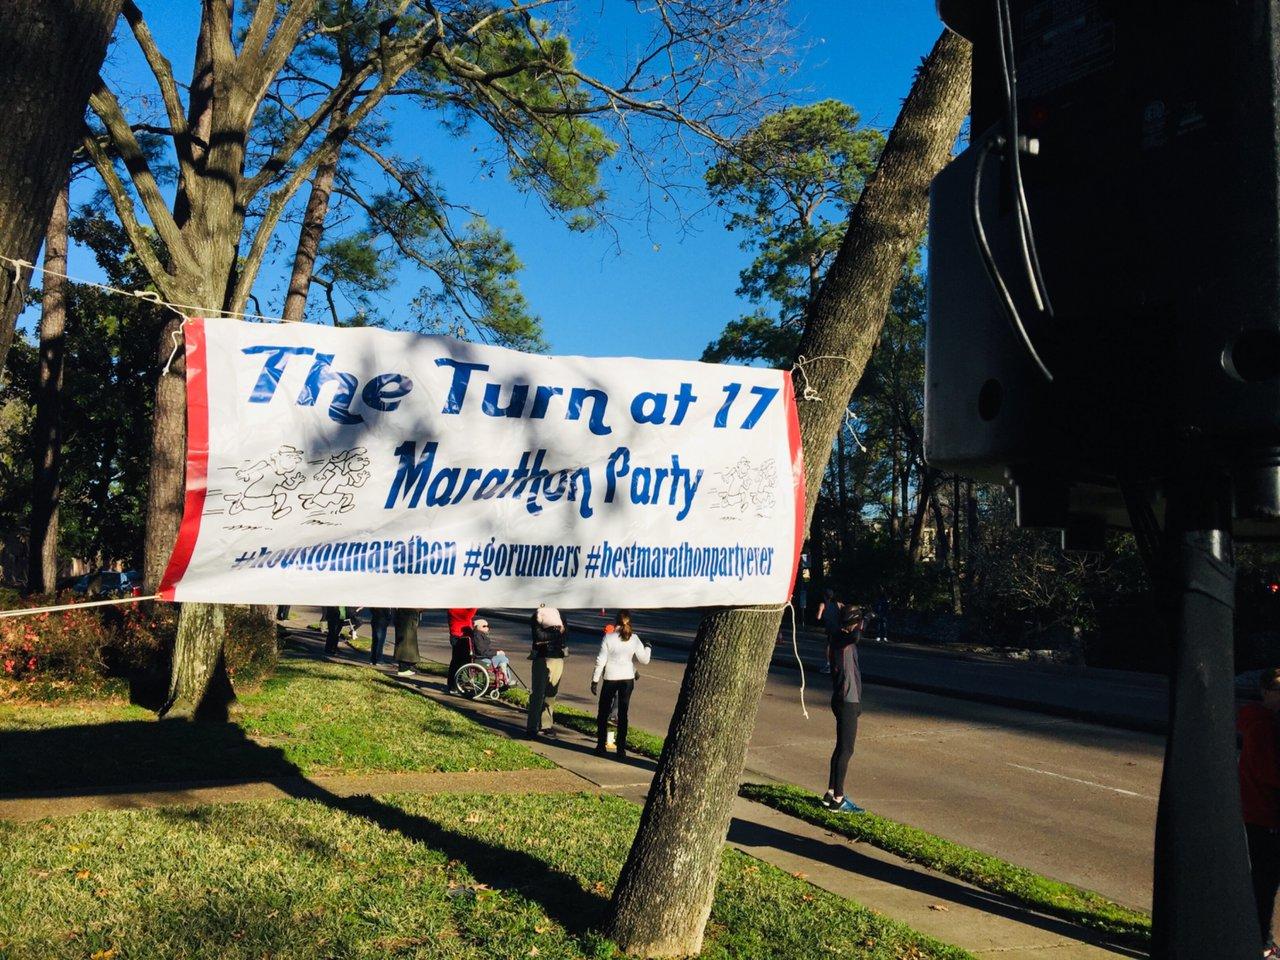 Houston Marathon (Chevron ) 2020 photo E3214203-488F-45CD-B2CC-66BE3D416716.jpg